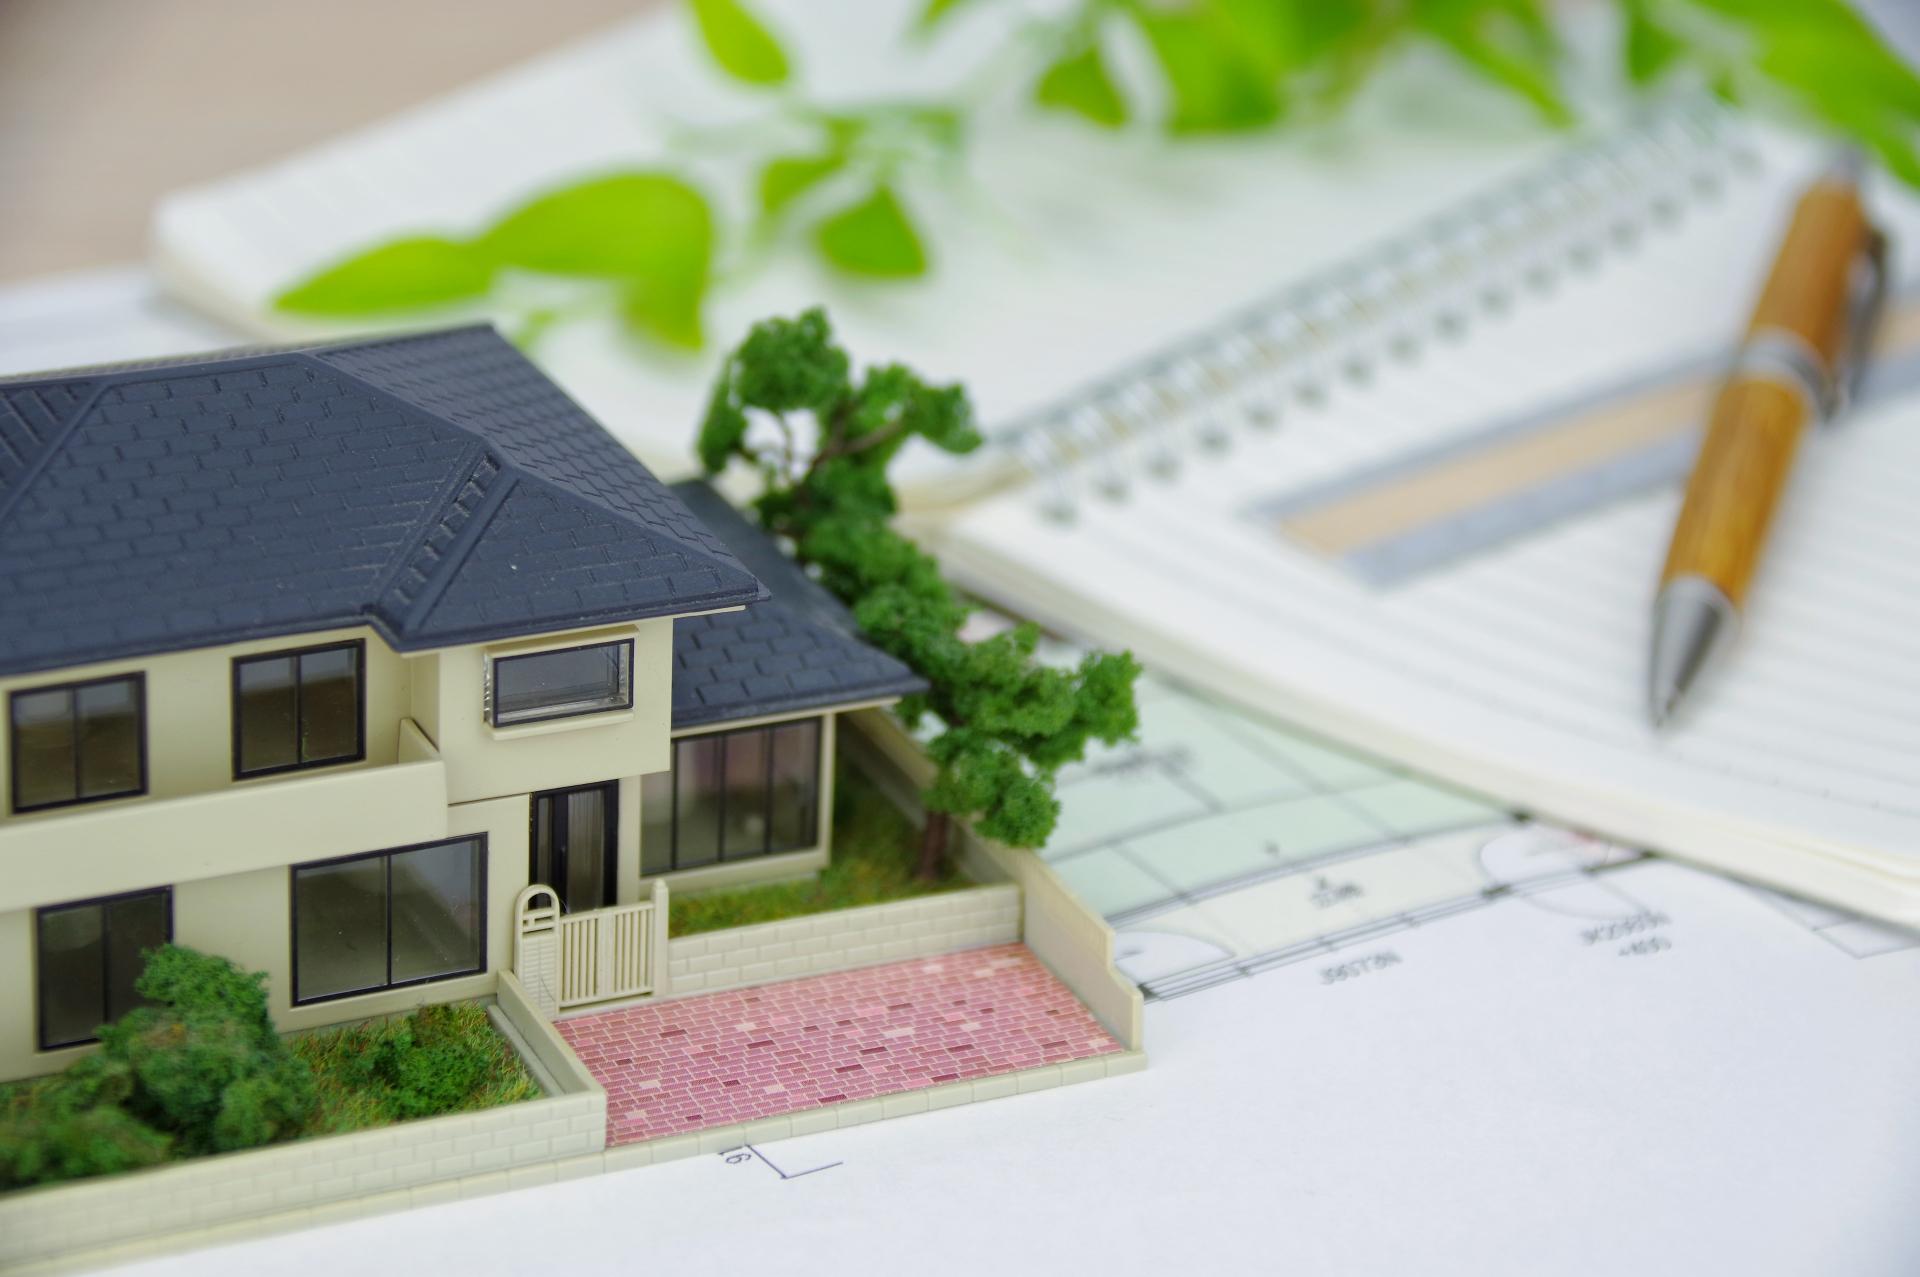 注文住宅or規格住宅の選択について